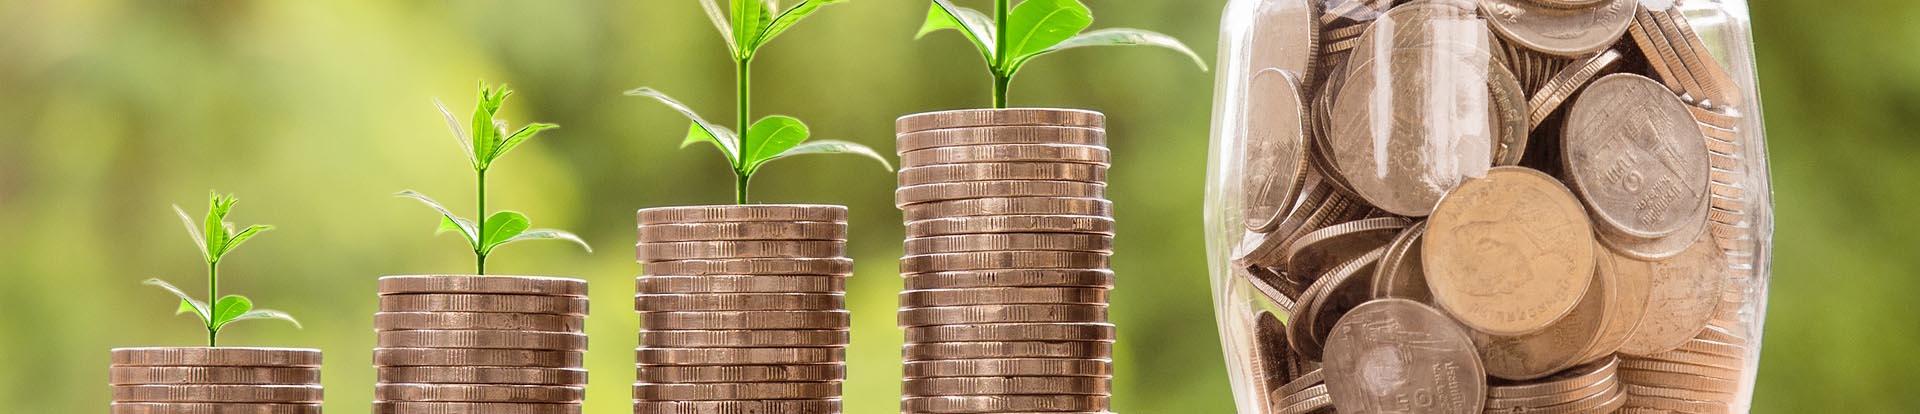 Comment gérer la relation avec vos locataires pour maximiser vos revenus ?